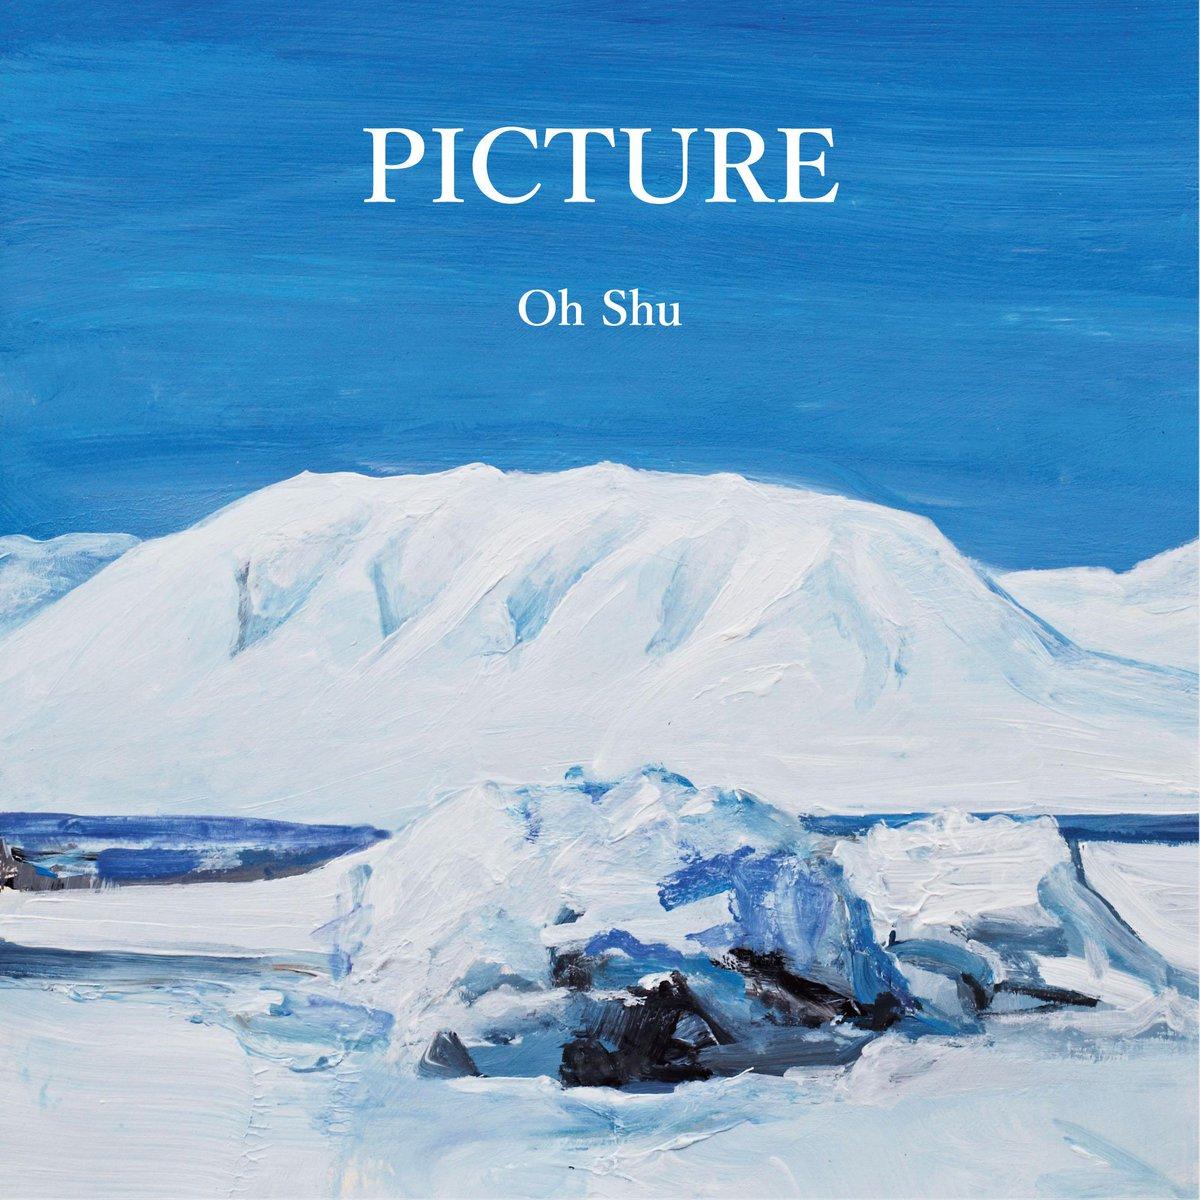 王舟が、2016年1月20日に2ndアルバム「PICTURE」をfelicityからリリースします。たったひとり、宅録で作り上げた大傑作です。 https://t.co/muAR9qTET1 https://t.co/j0vFrjx6vY